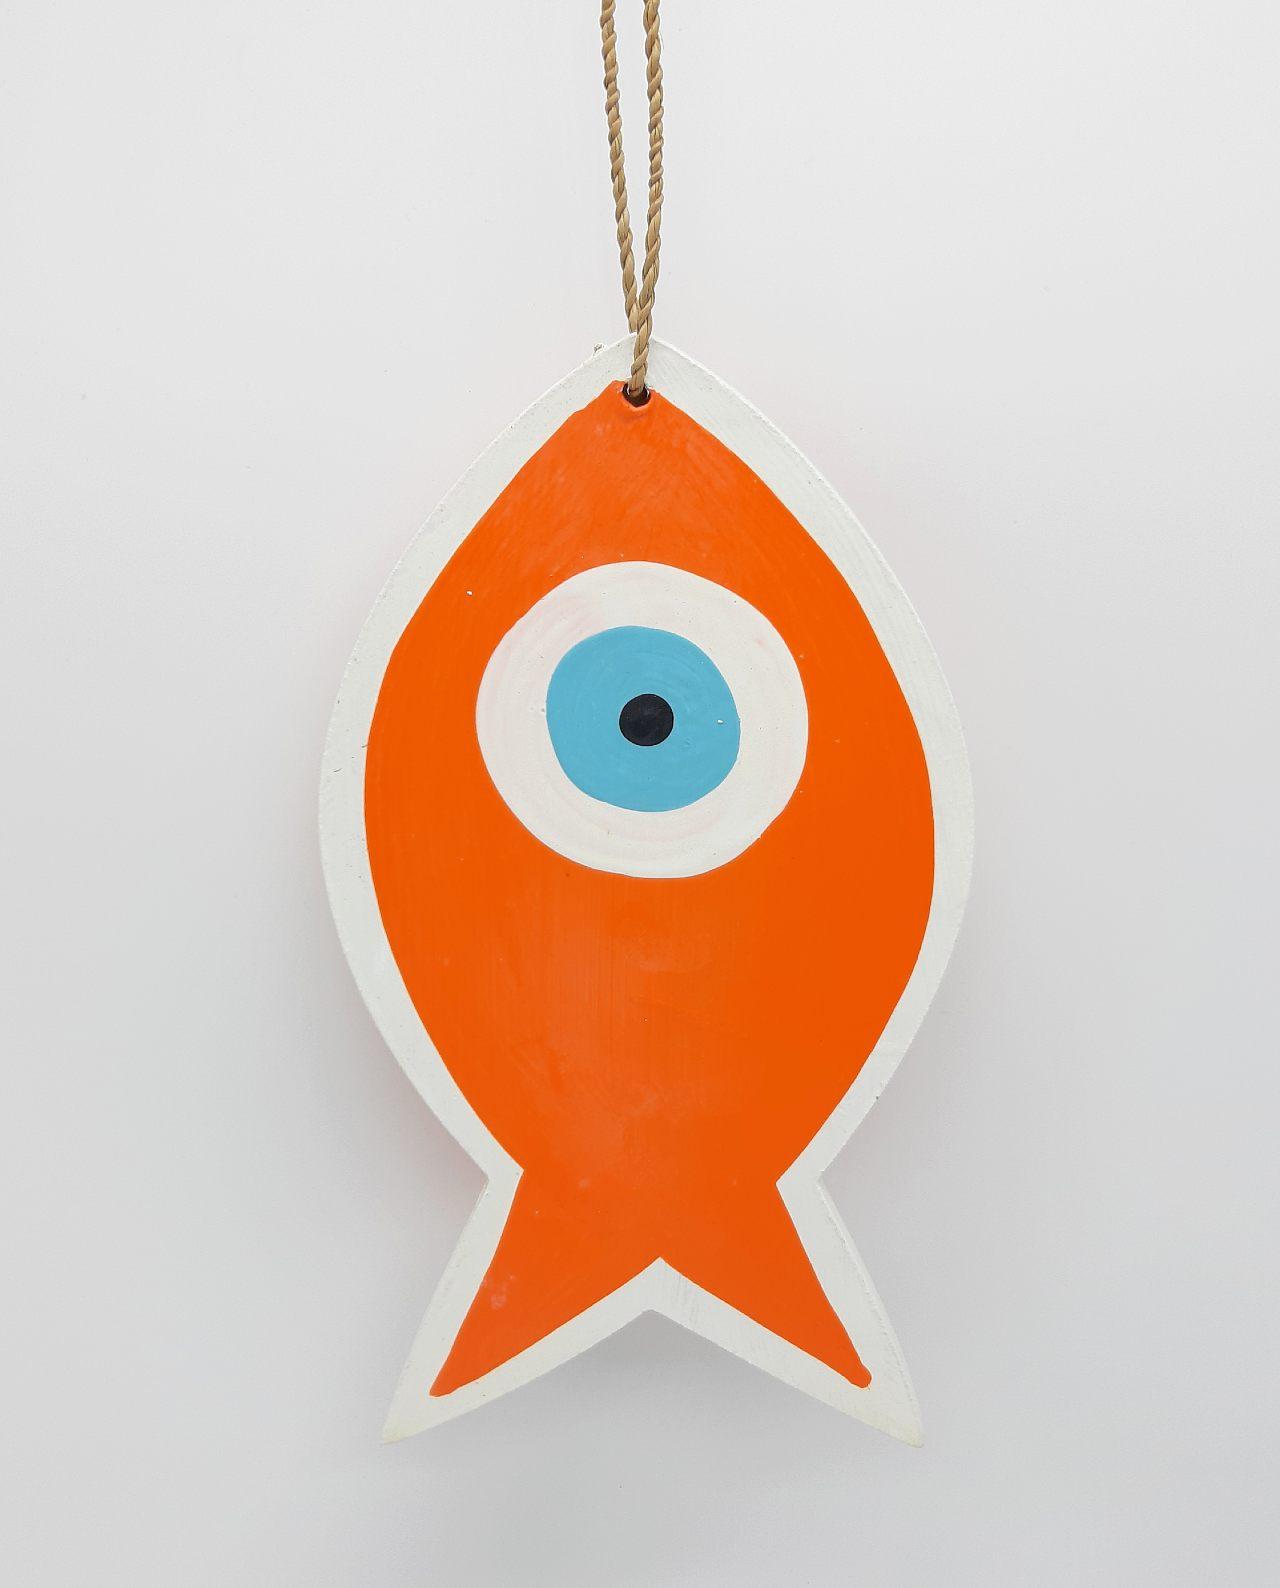 Ψάρι Ματάκι Ξύλινο Χειροποίητο Μήκος 18 cm πορτοκαλι